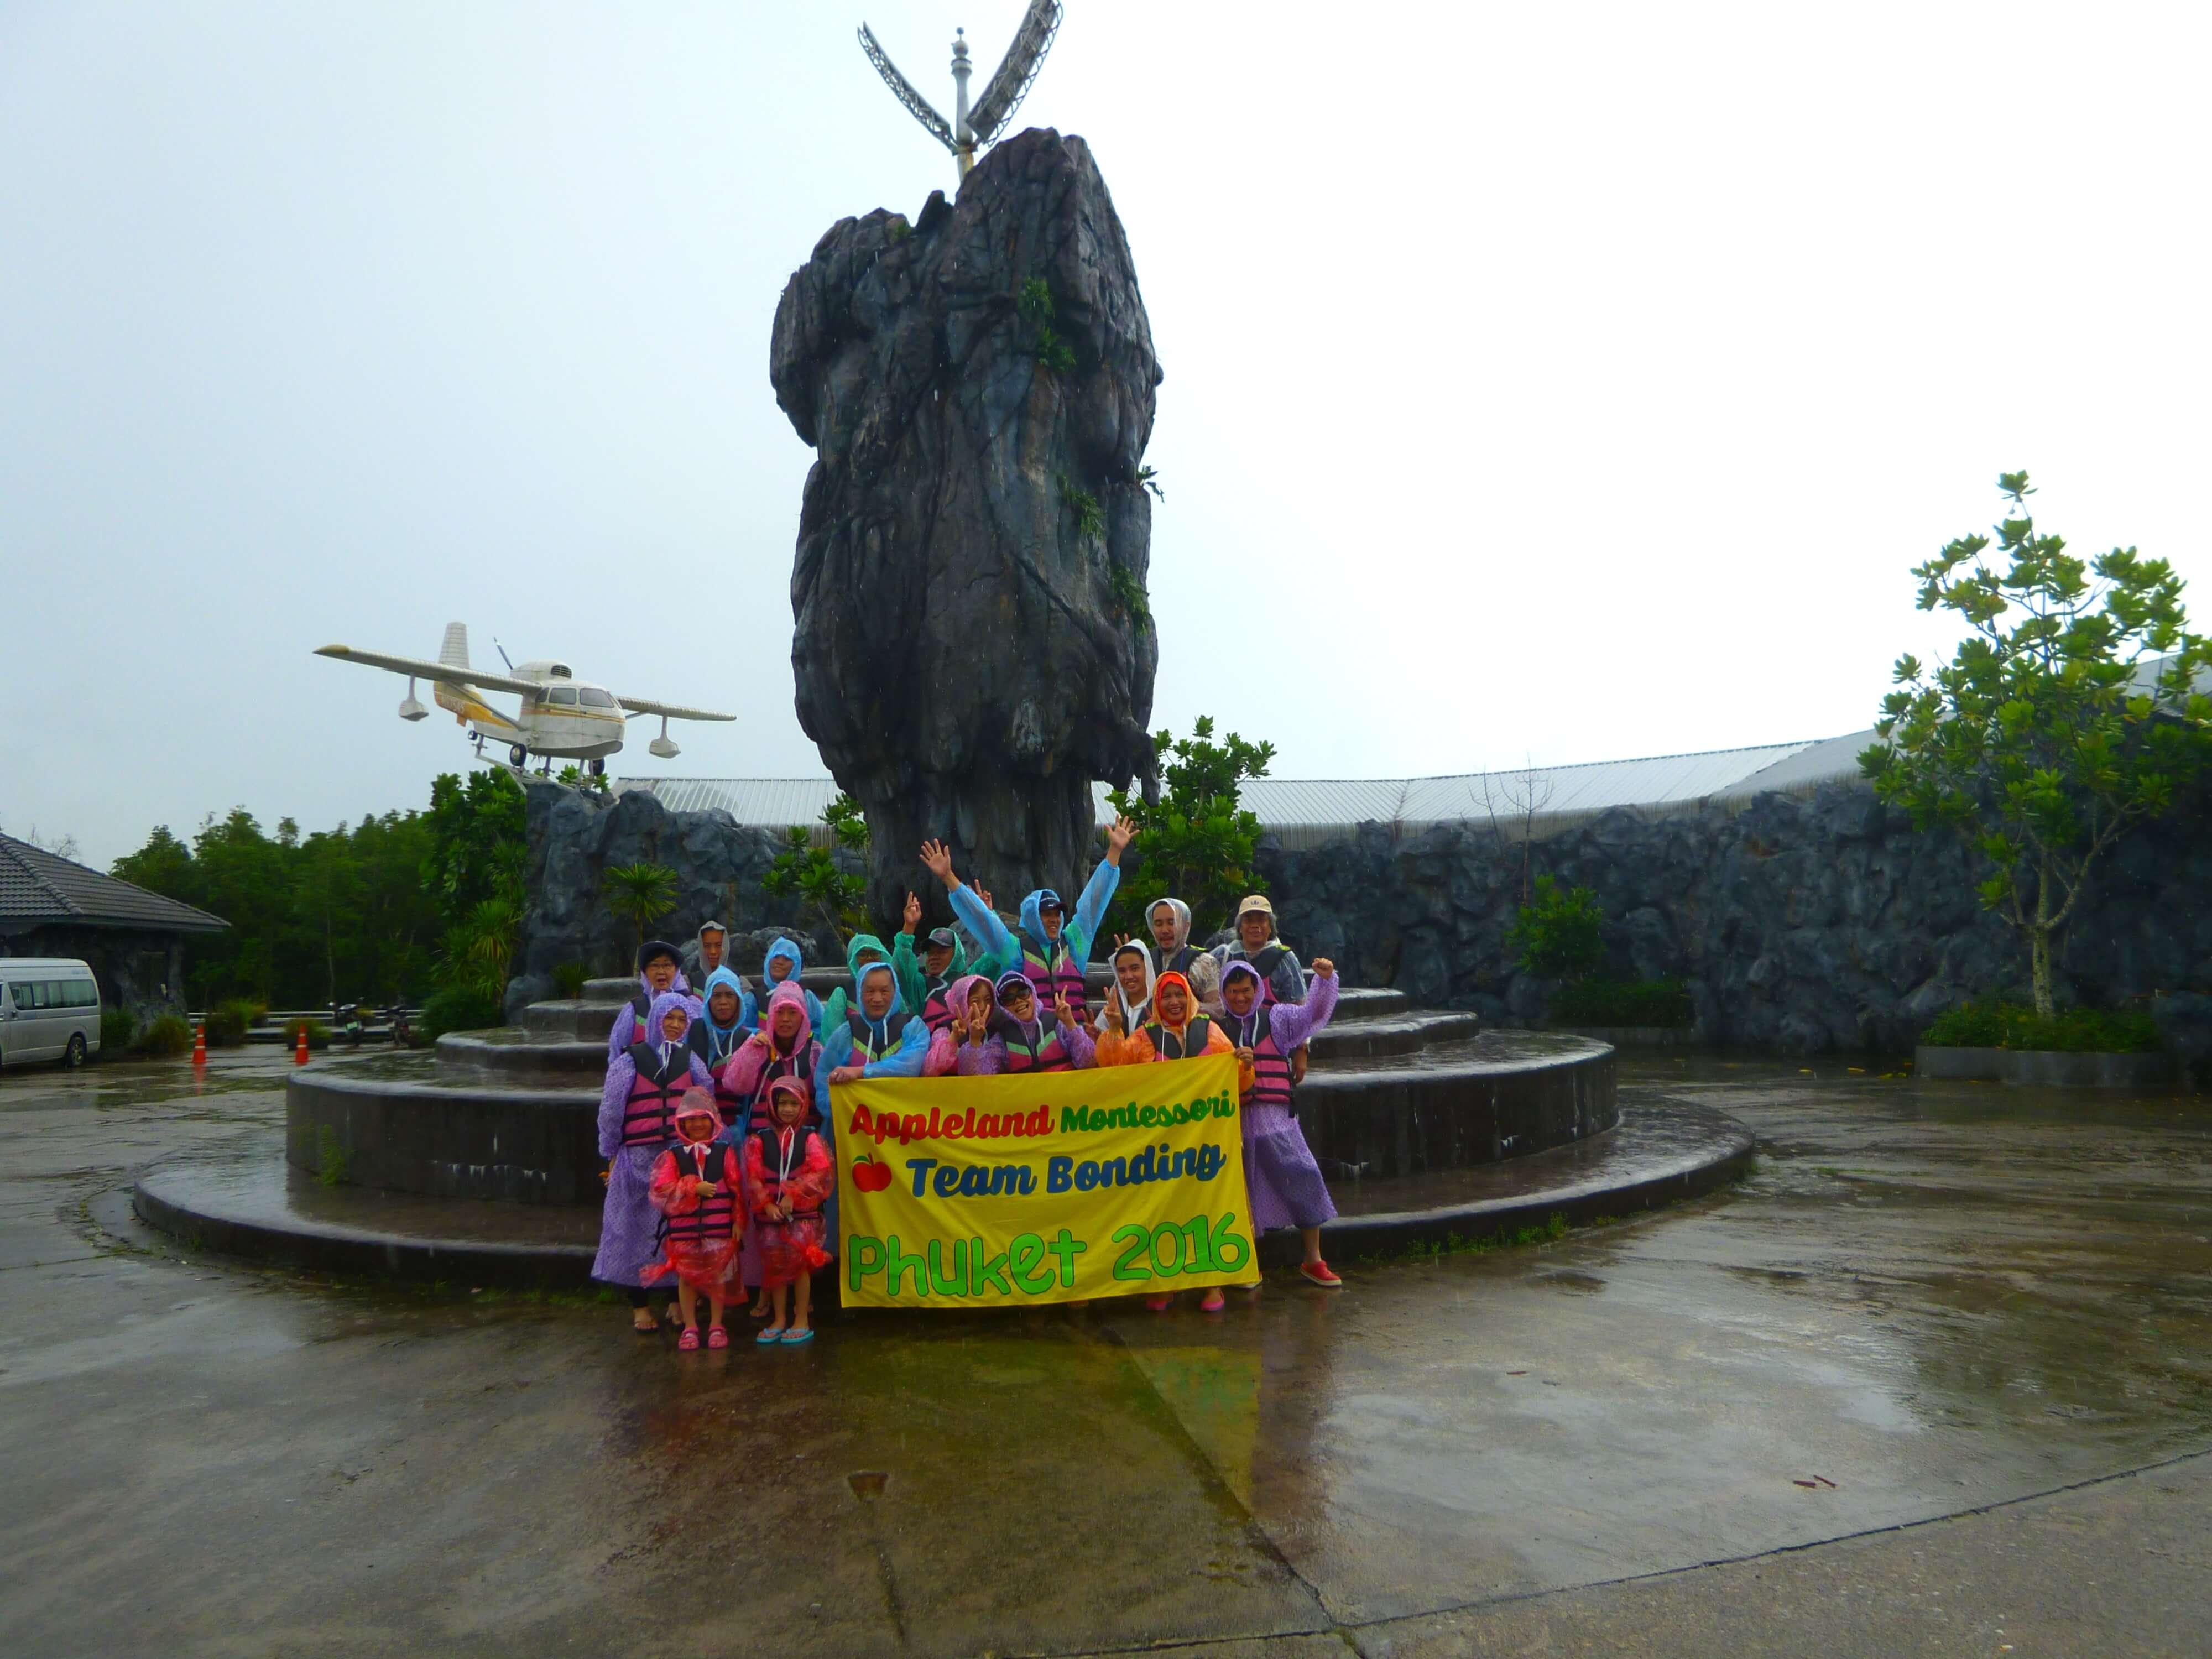 Appleland @ Phuket (4)